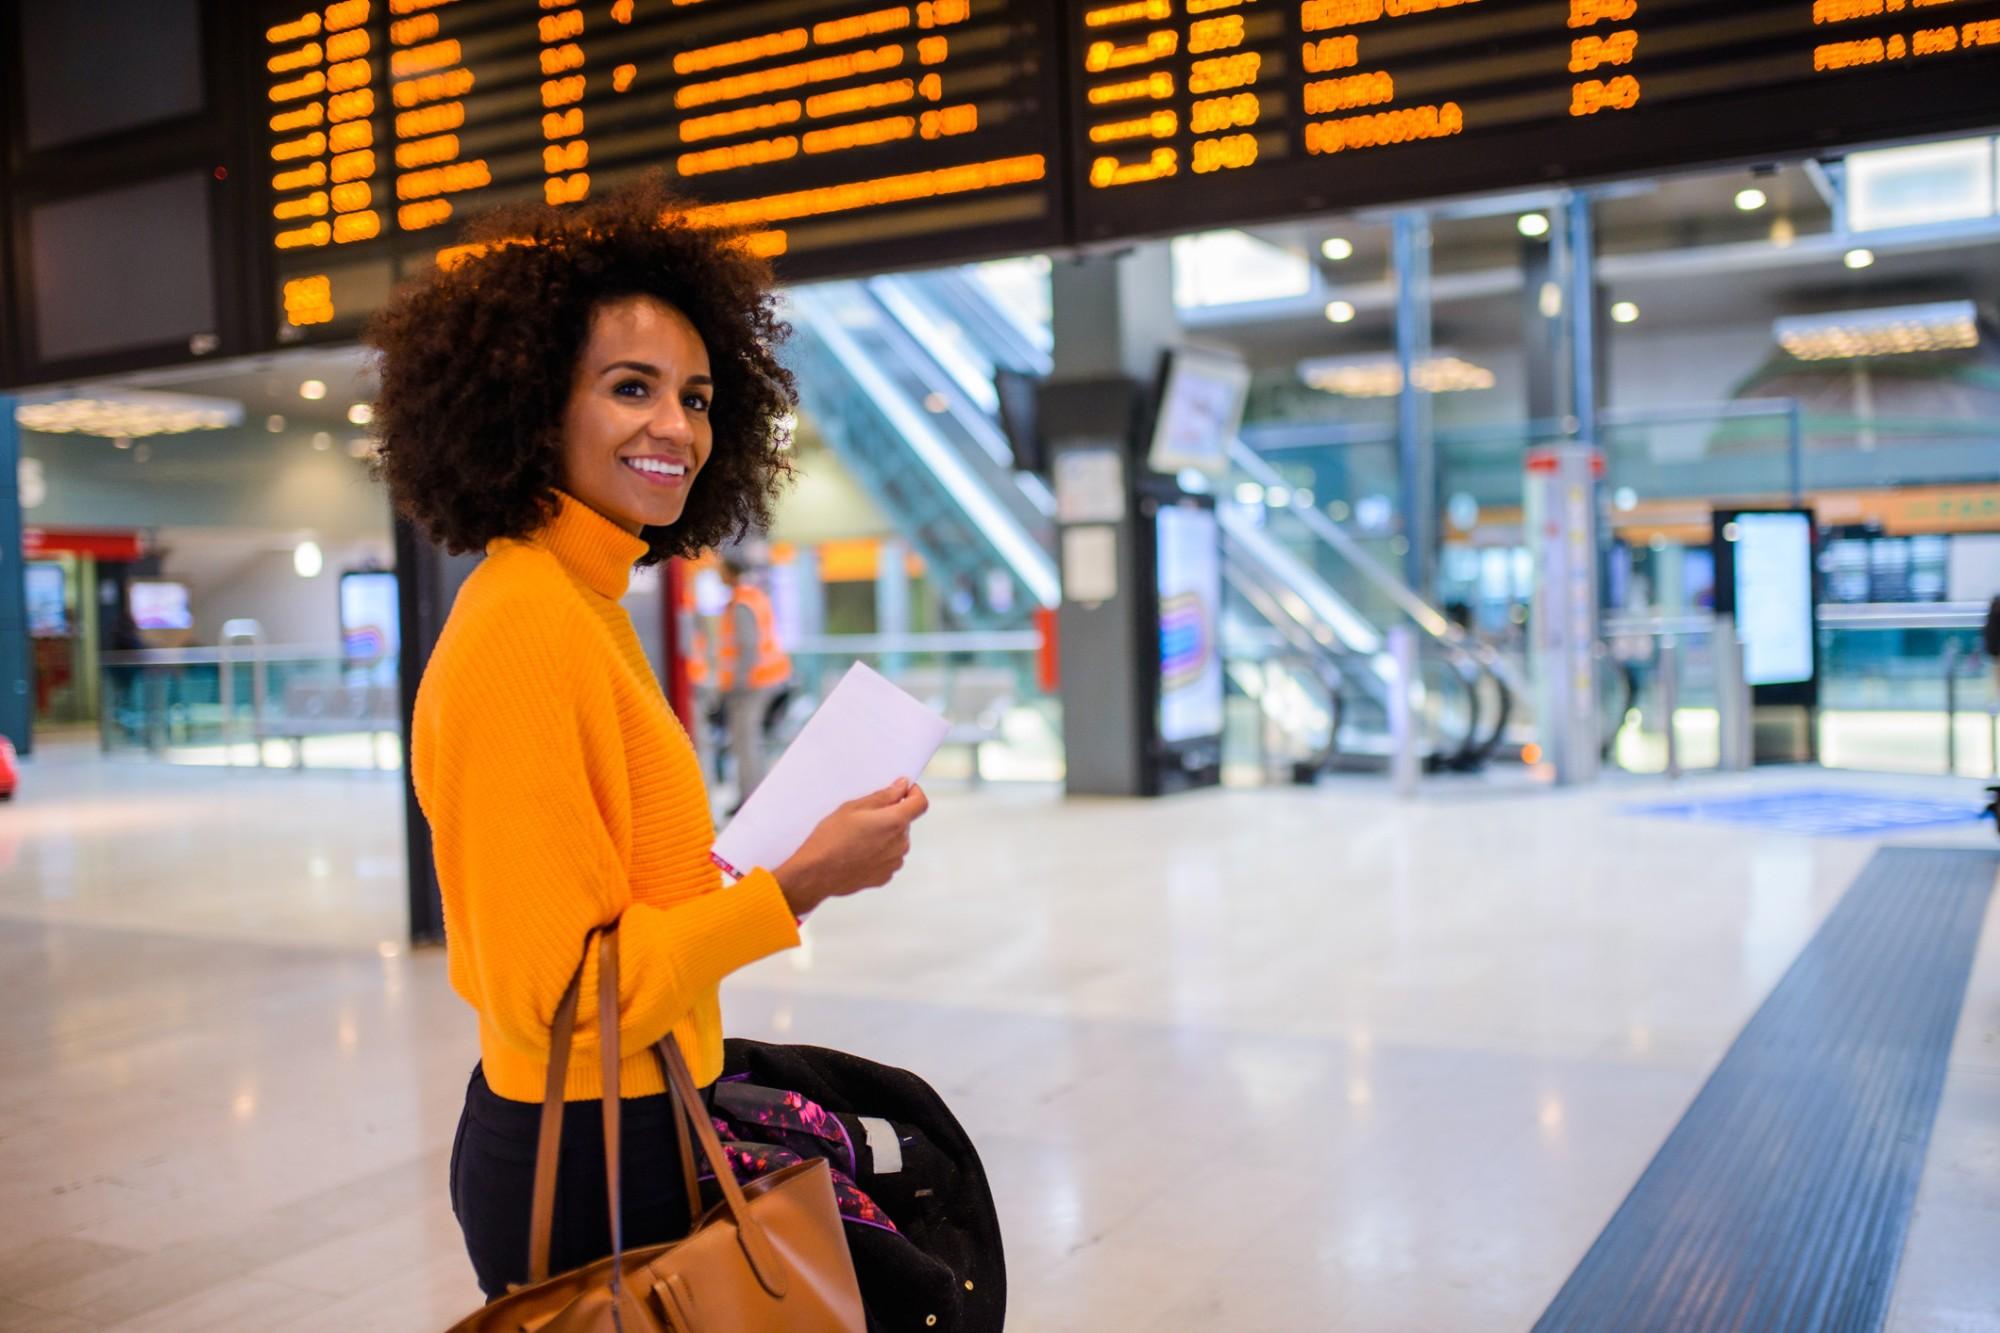 Investimento na Gestão de viagens - Argo Solutions - Simplifying your journey